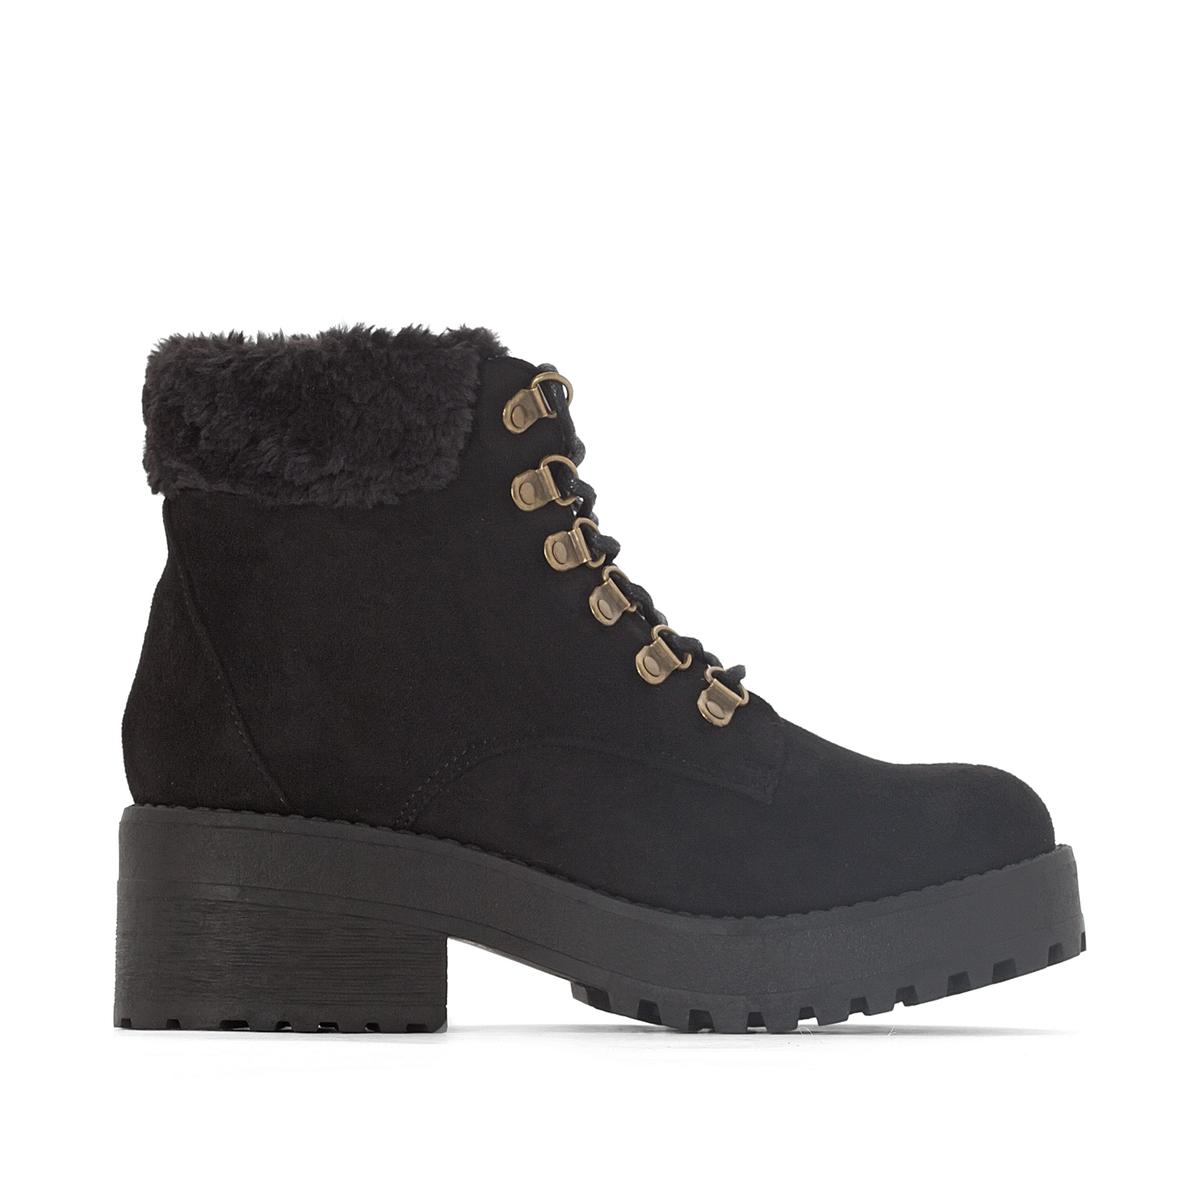 Ботинки на шнуровке Moscu ботинки женские зимние на шнуровке без каблука купить